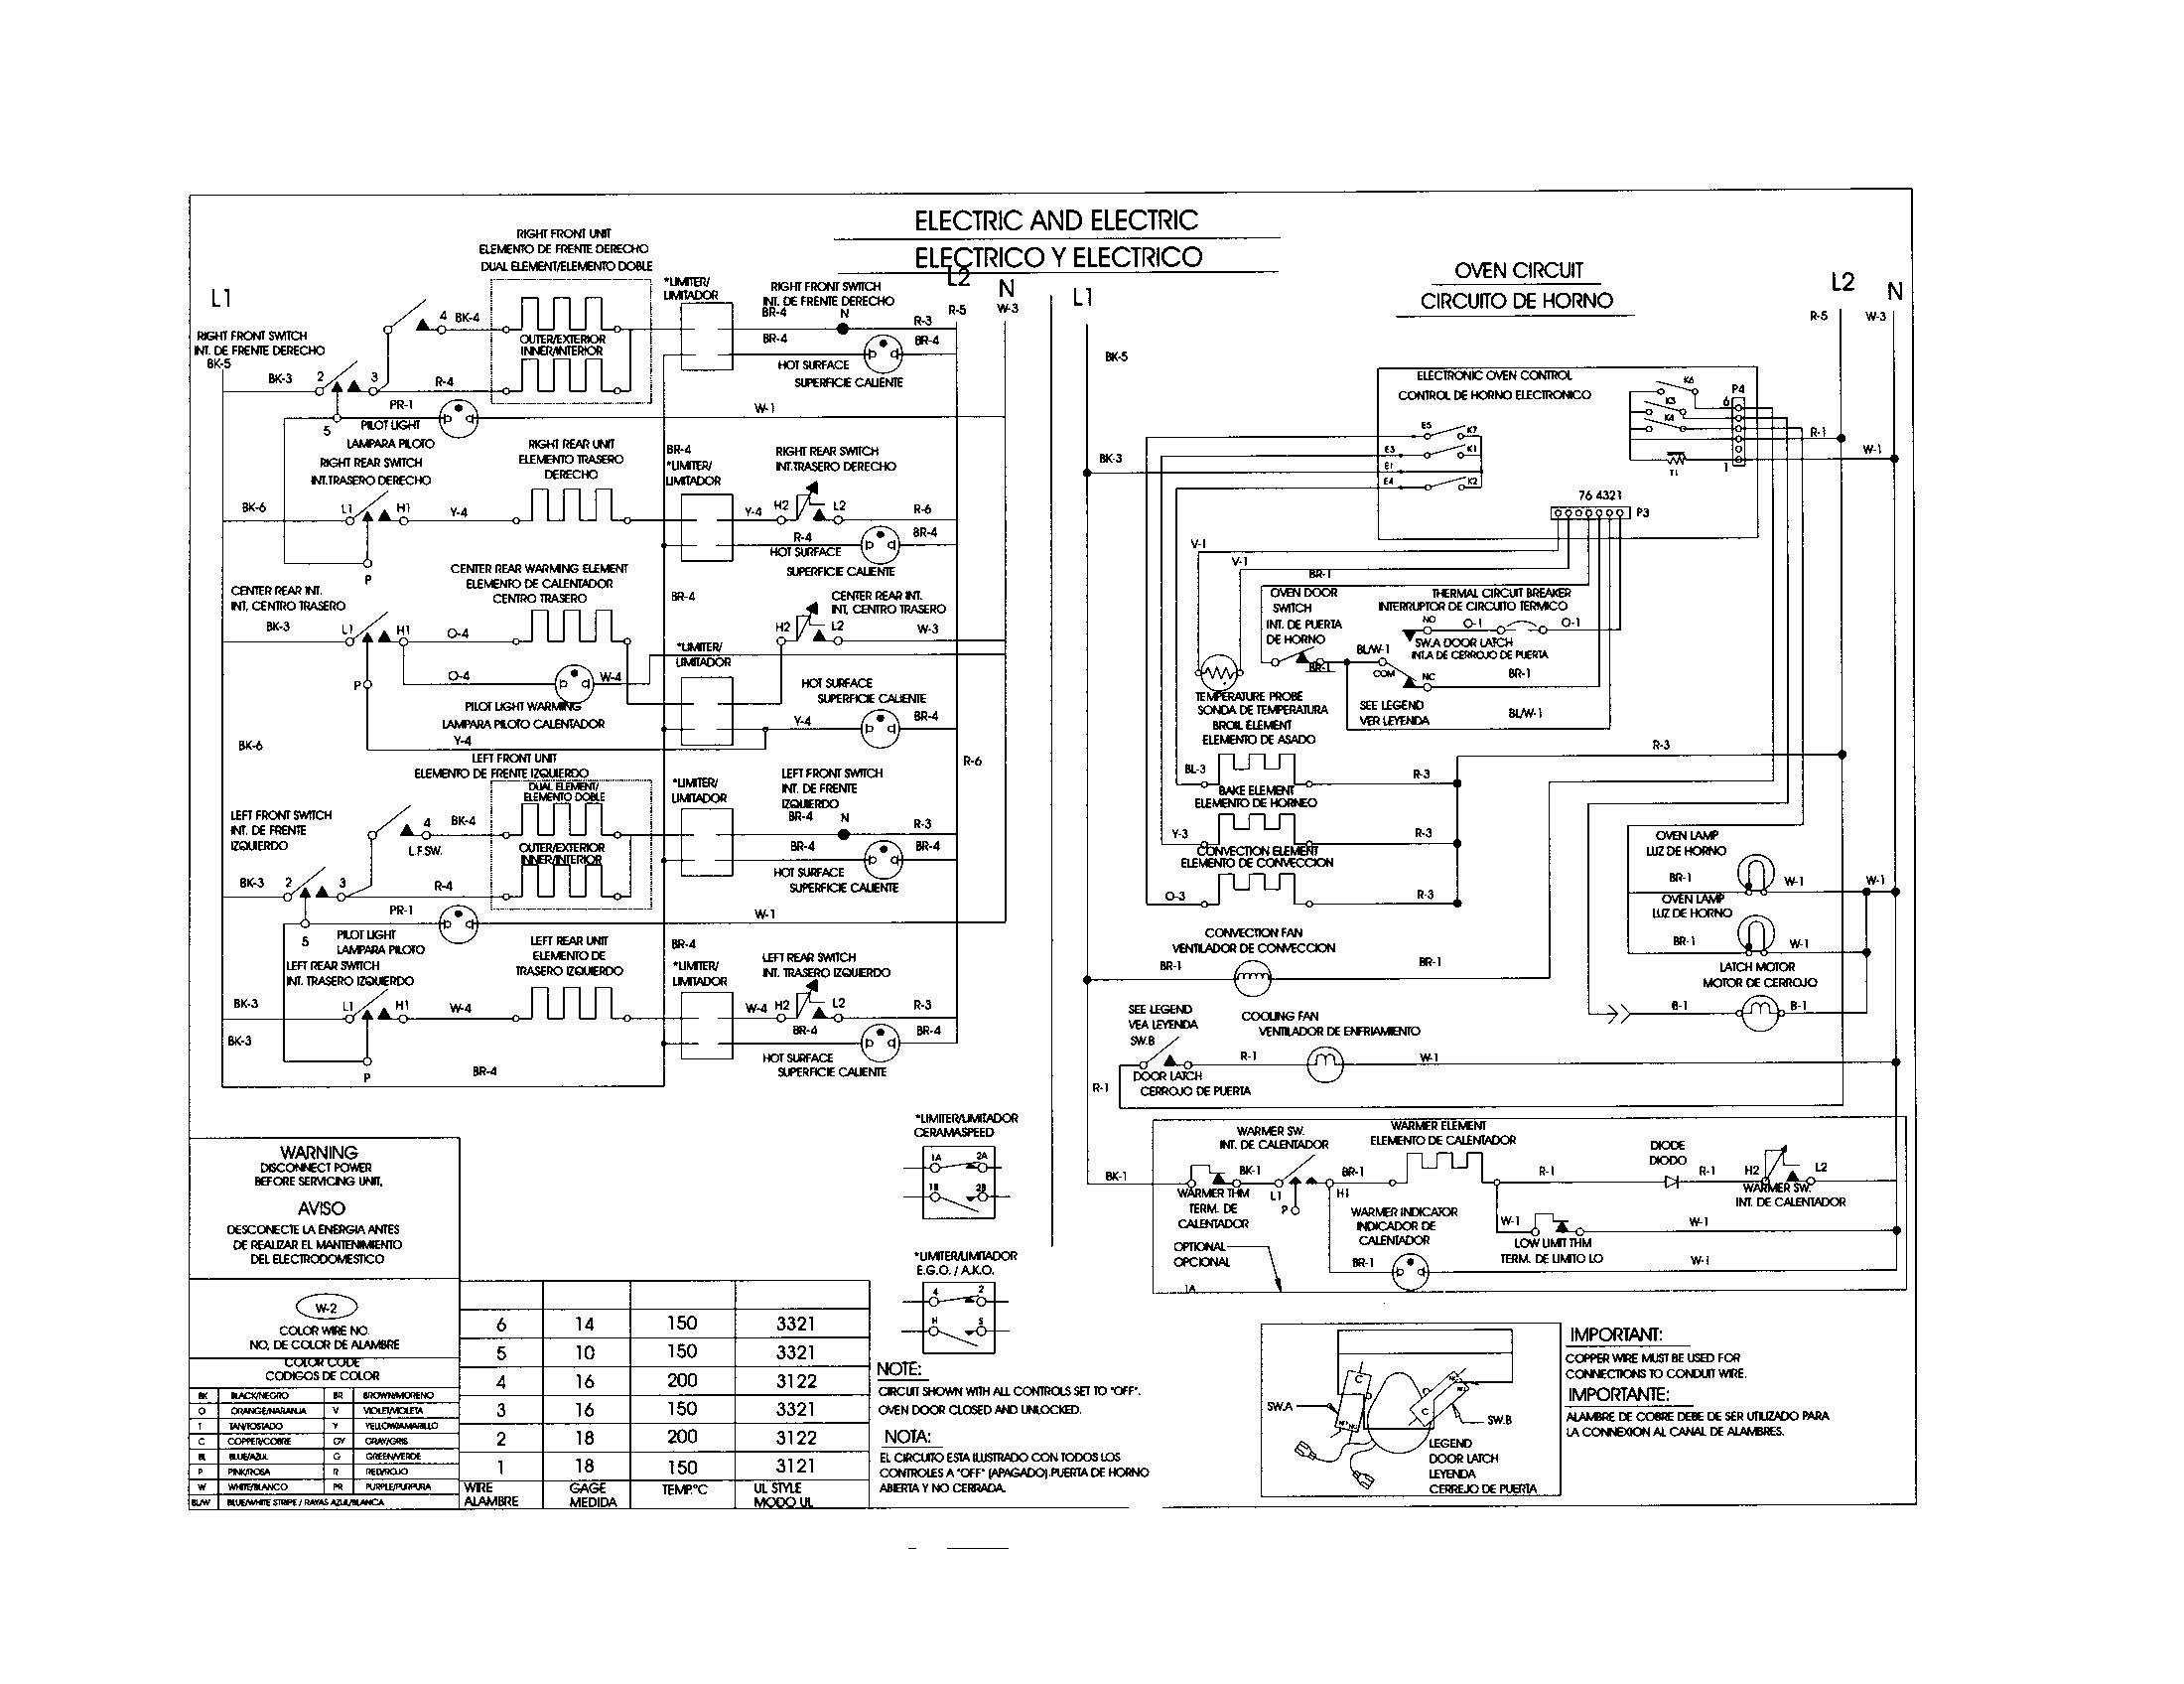 Sears Dishwasher Wiring Diagram | Wiring Diagram - Dishwasher Wiring Diagram